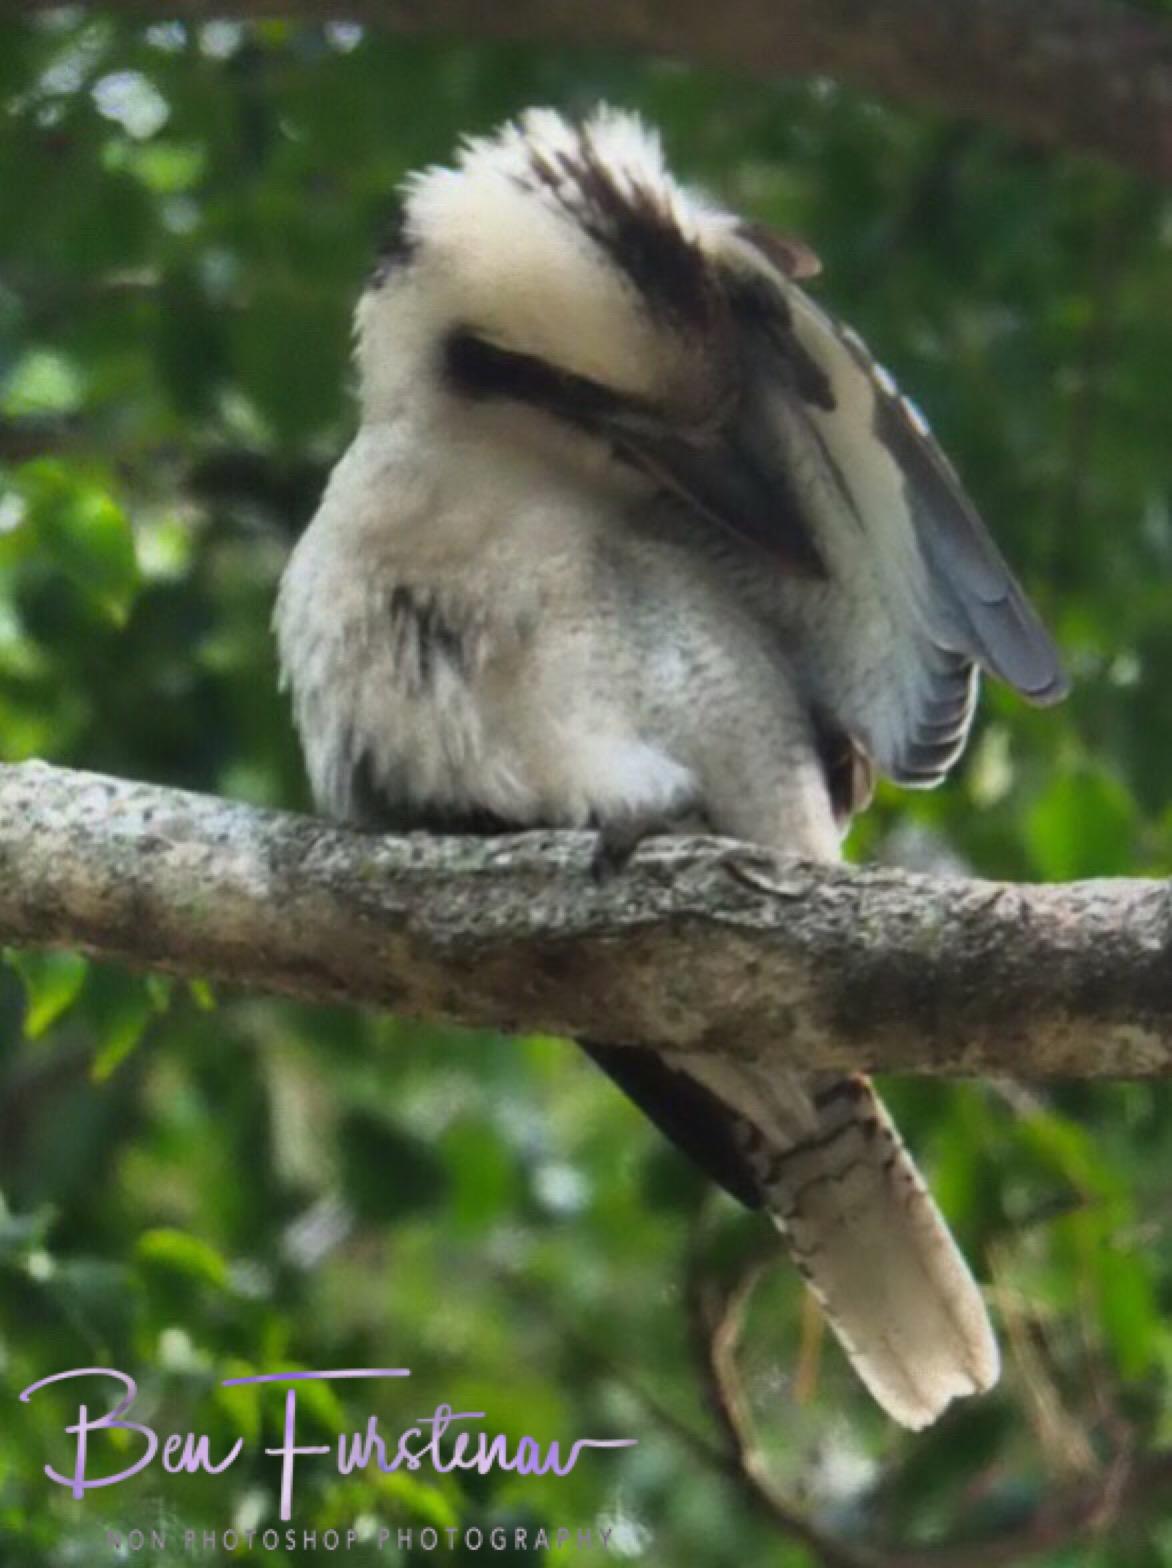 Cleaning kookaburra, Queensland, Australia